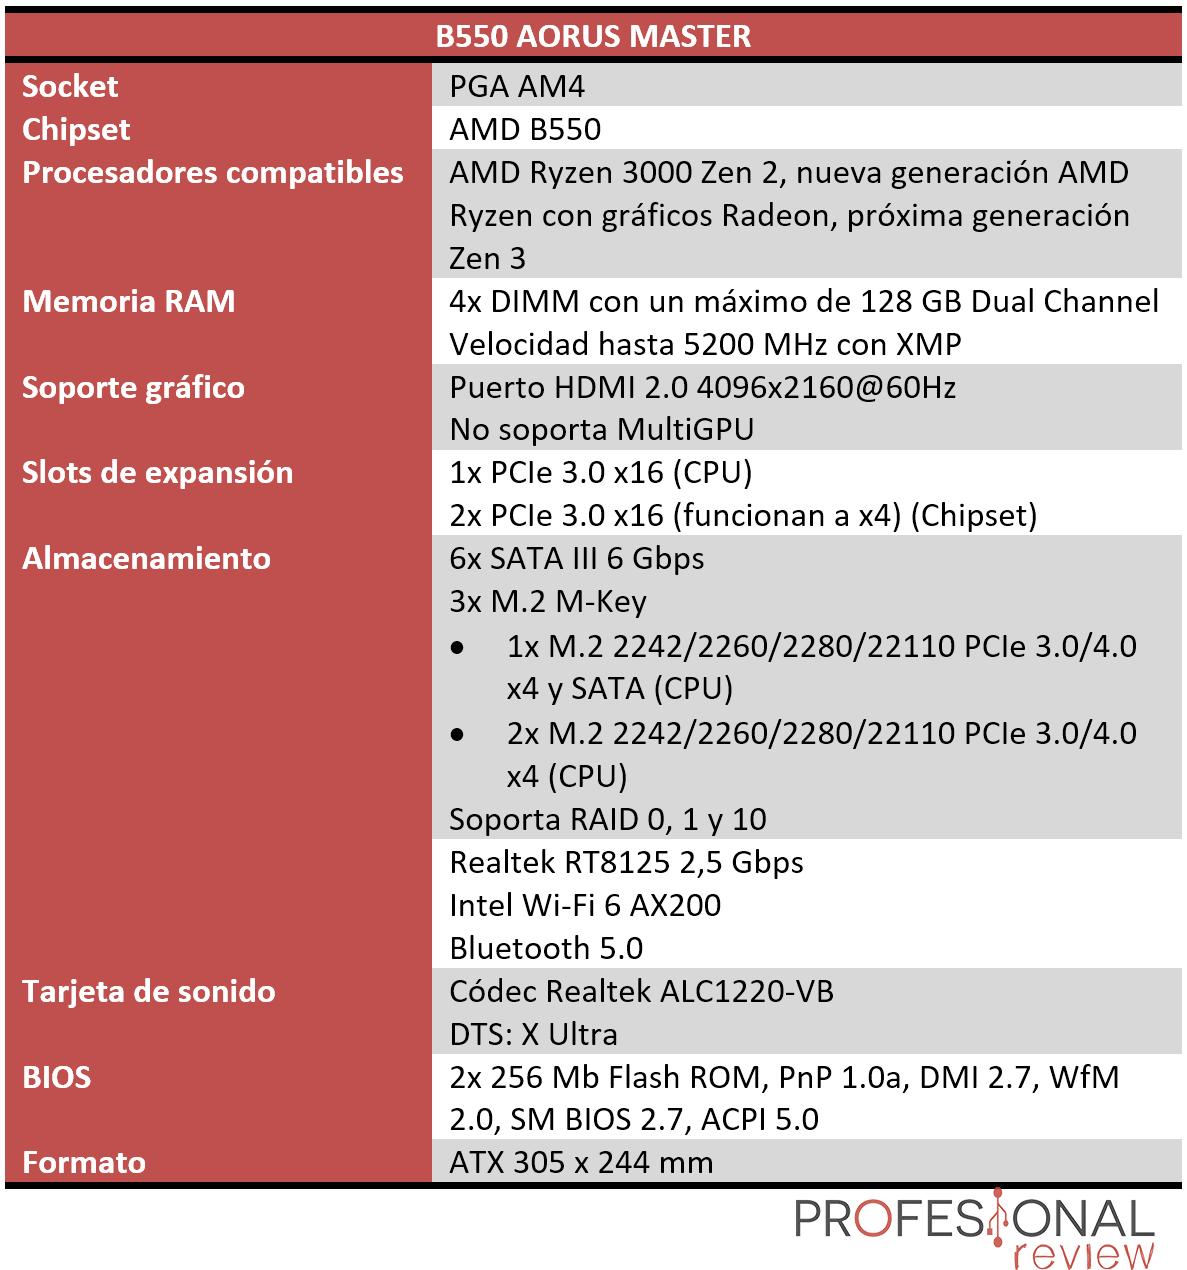 B550 AORUS MASTER Características